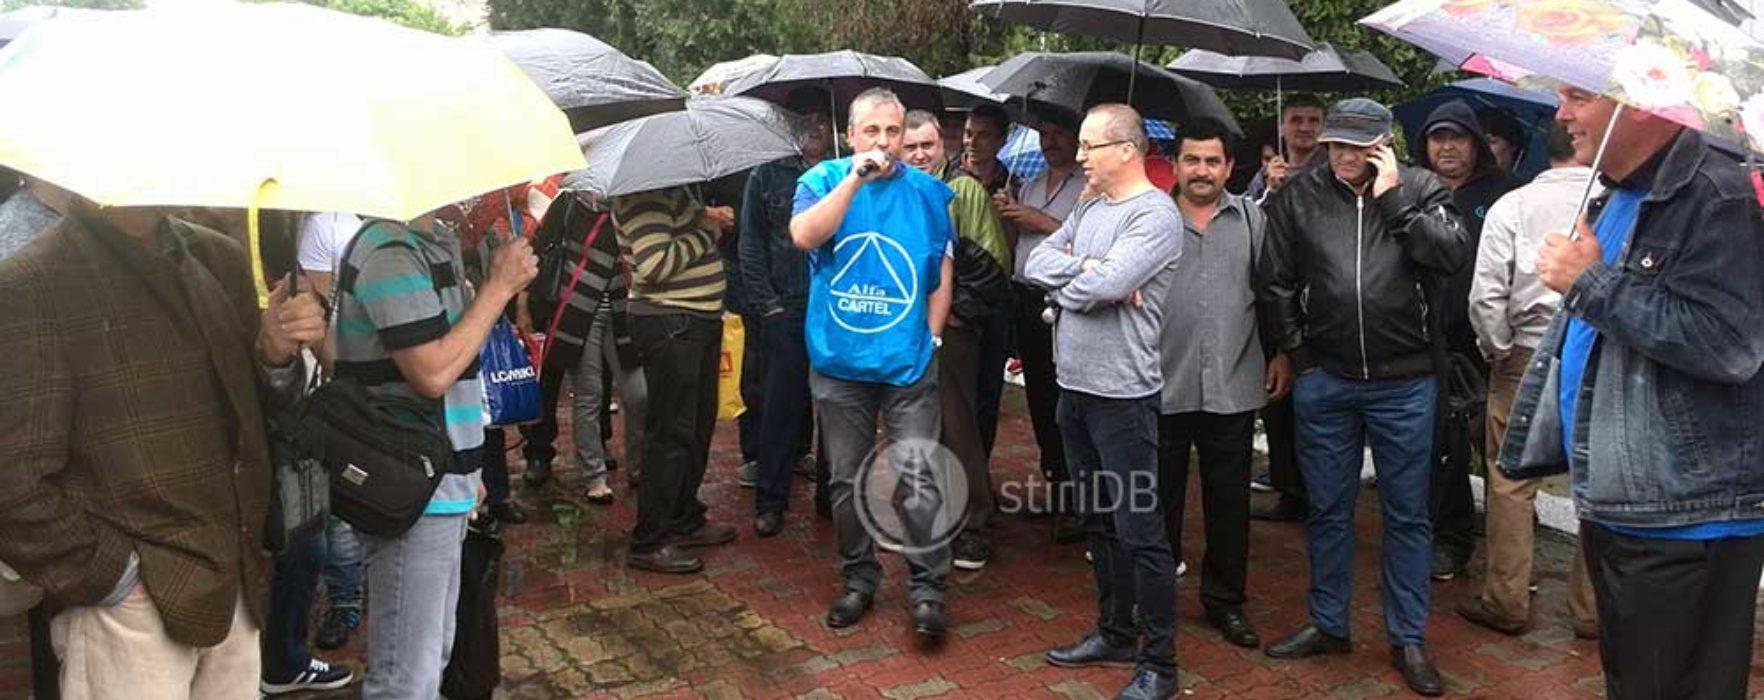 Circa 300 de salariaţi COS Târgovişte au protestat pentru drepturi salariale şi oprirea demolării combinatului